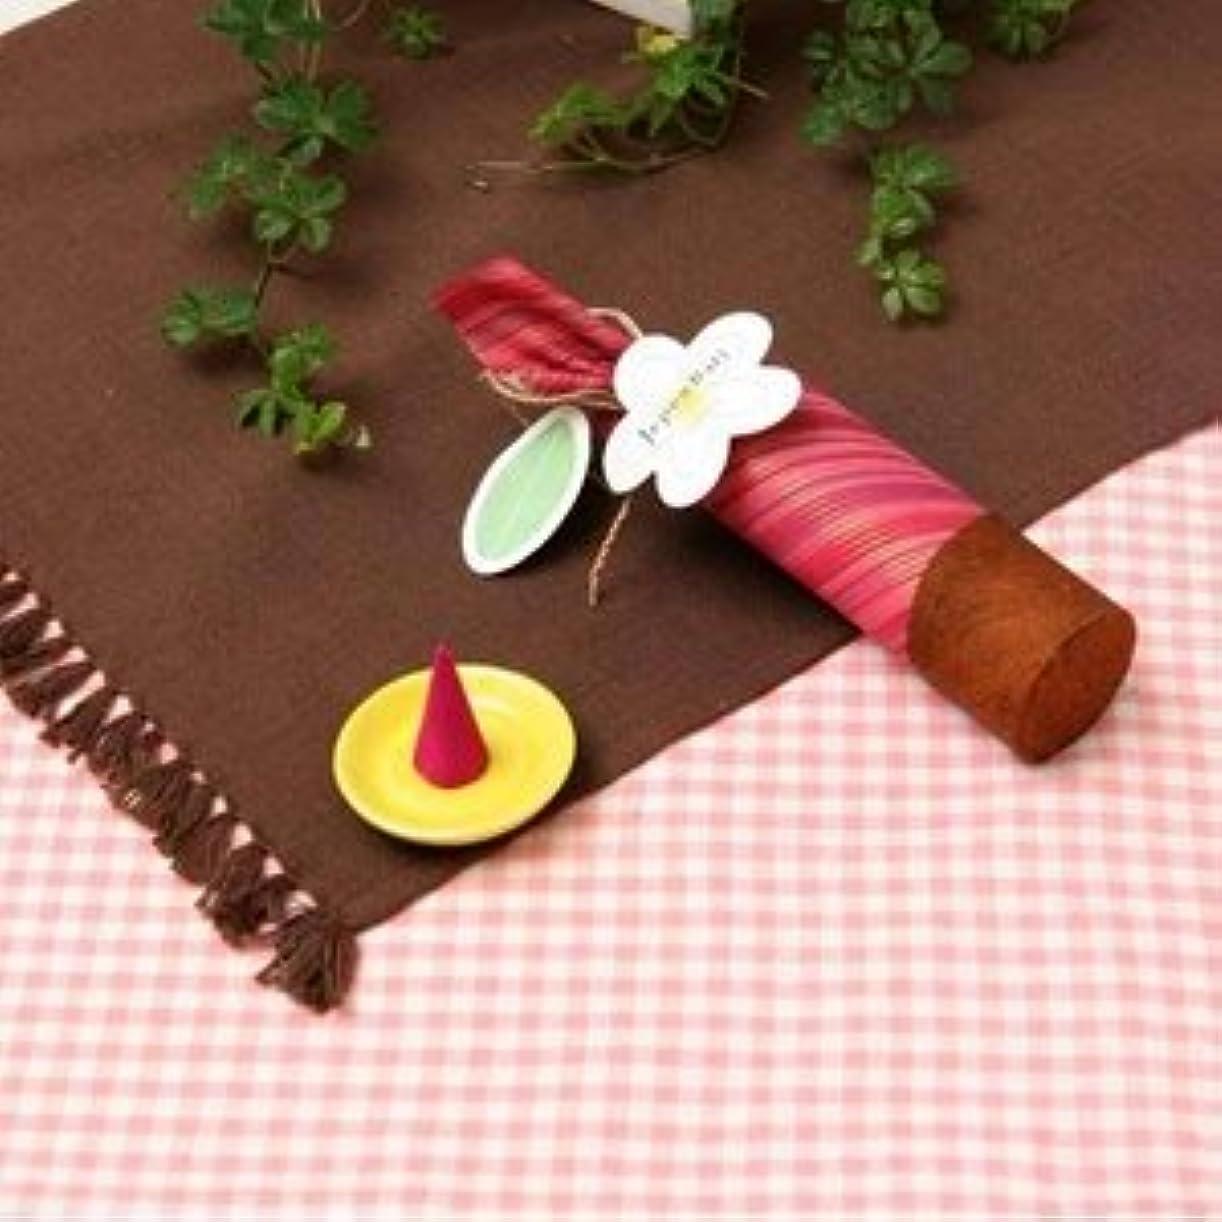 ことわざ割るインフレーションJupen Bari(ジュプン バリ) 桜(日本が世界に誇れる花)